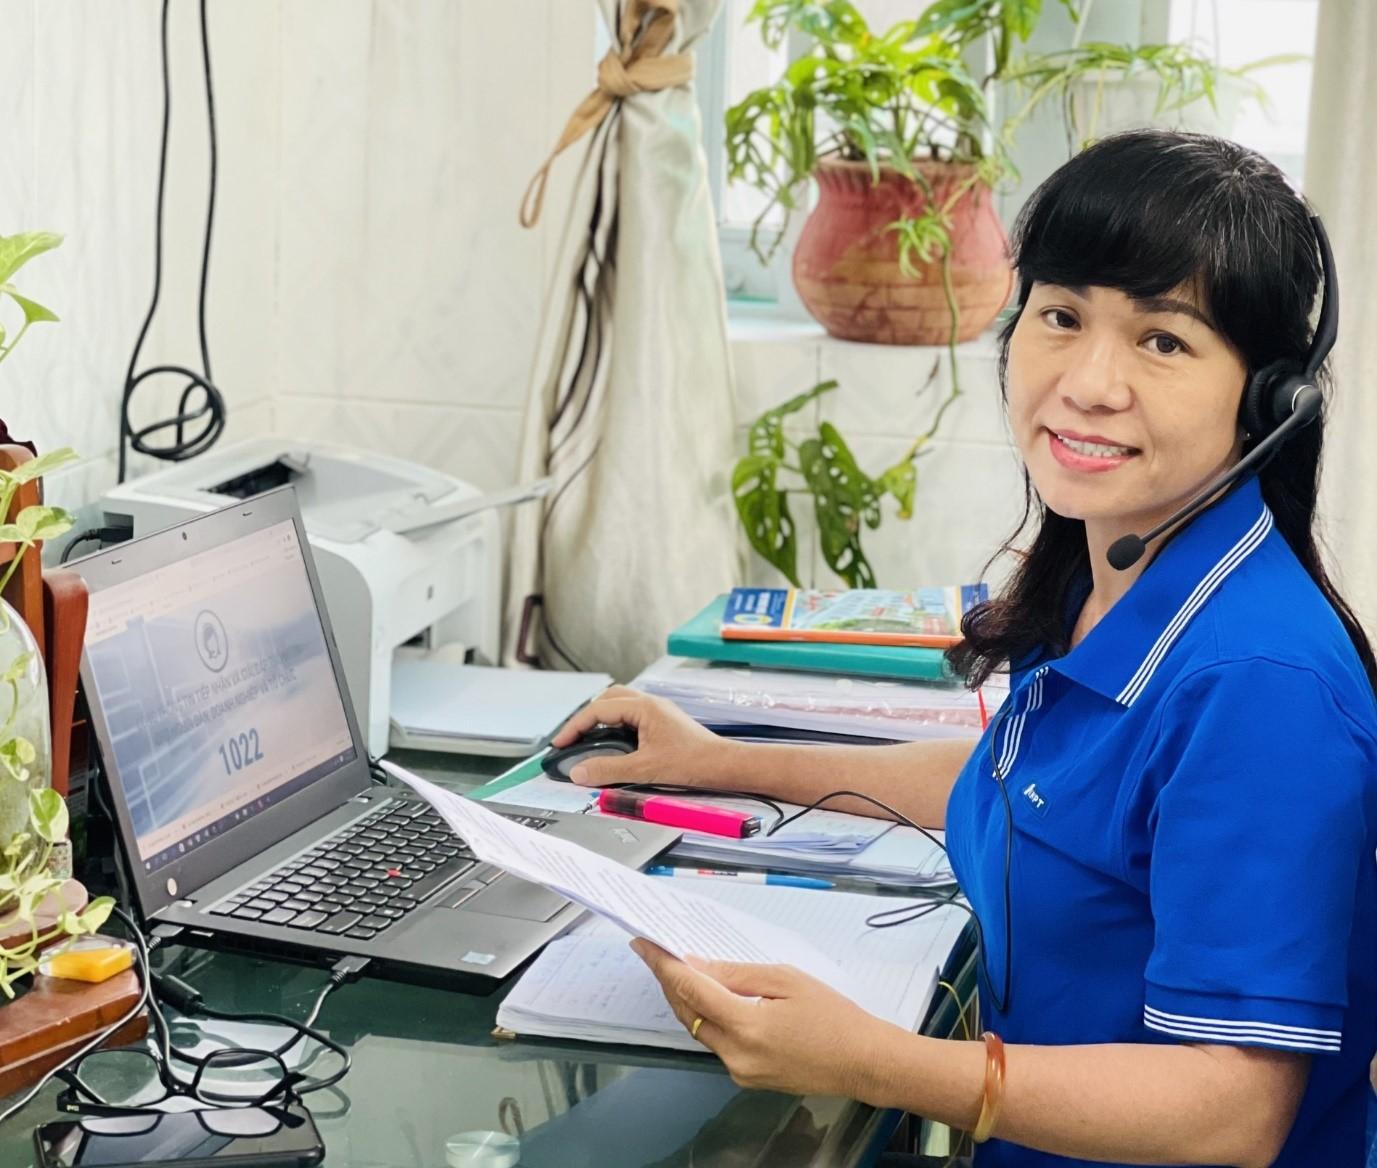 Chị Minh Nguyệt cầm trên tay danh sách thông tin của người nhận hỗ trợ.